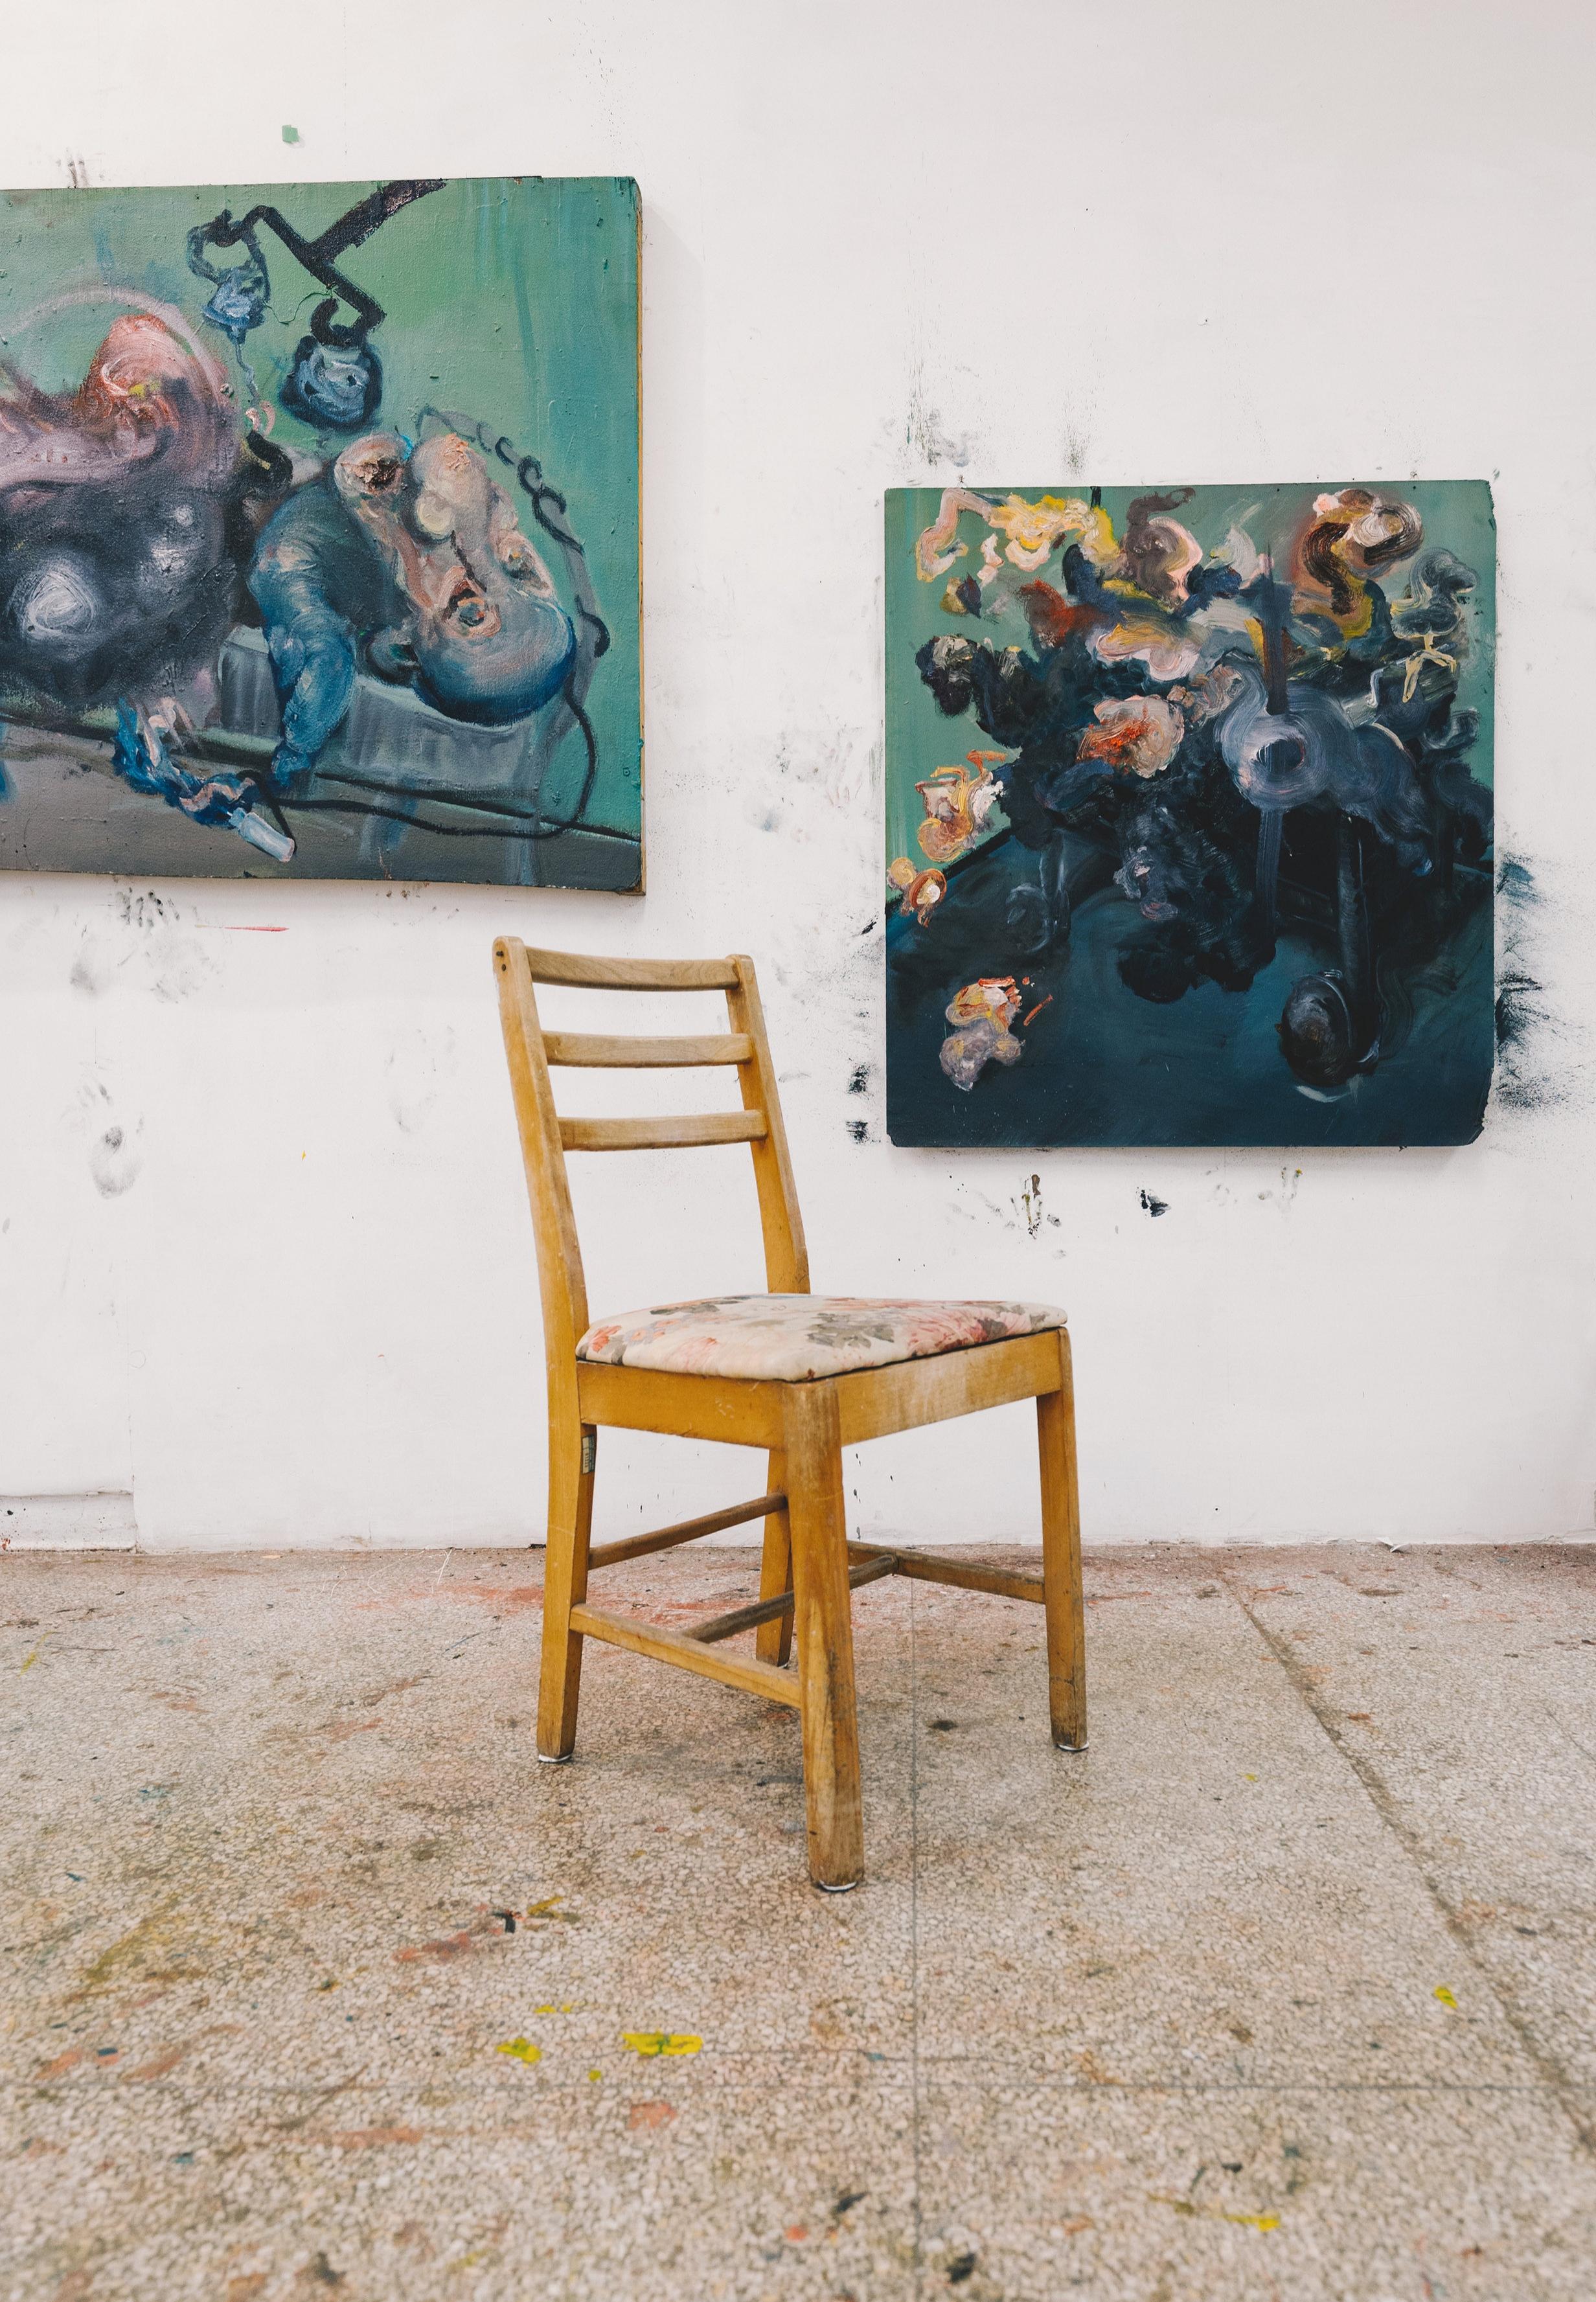 Katherine Wyatt,  Figure in a Blue Room II & III,  oil on panel (two of a triptych)